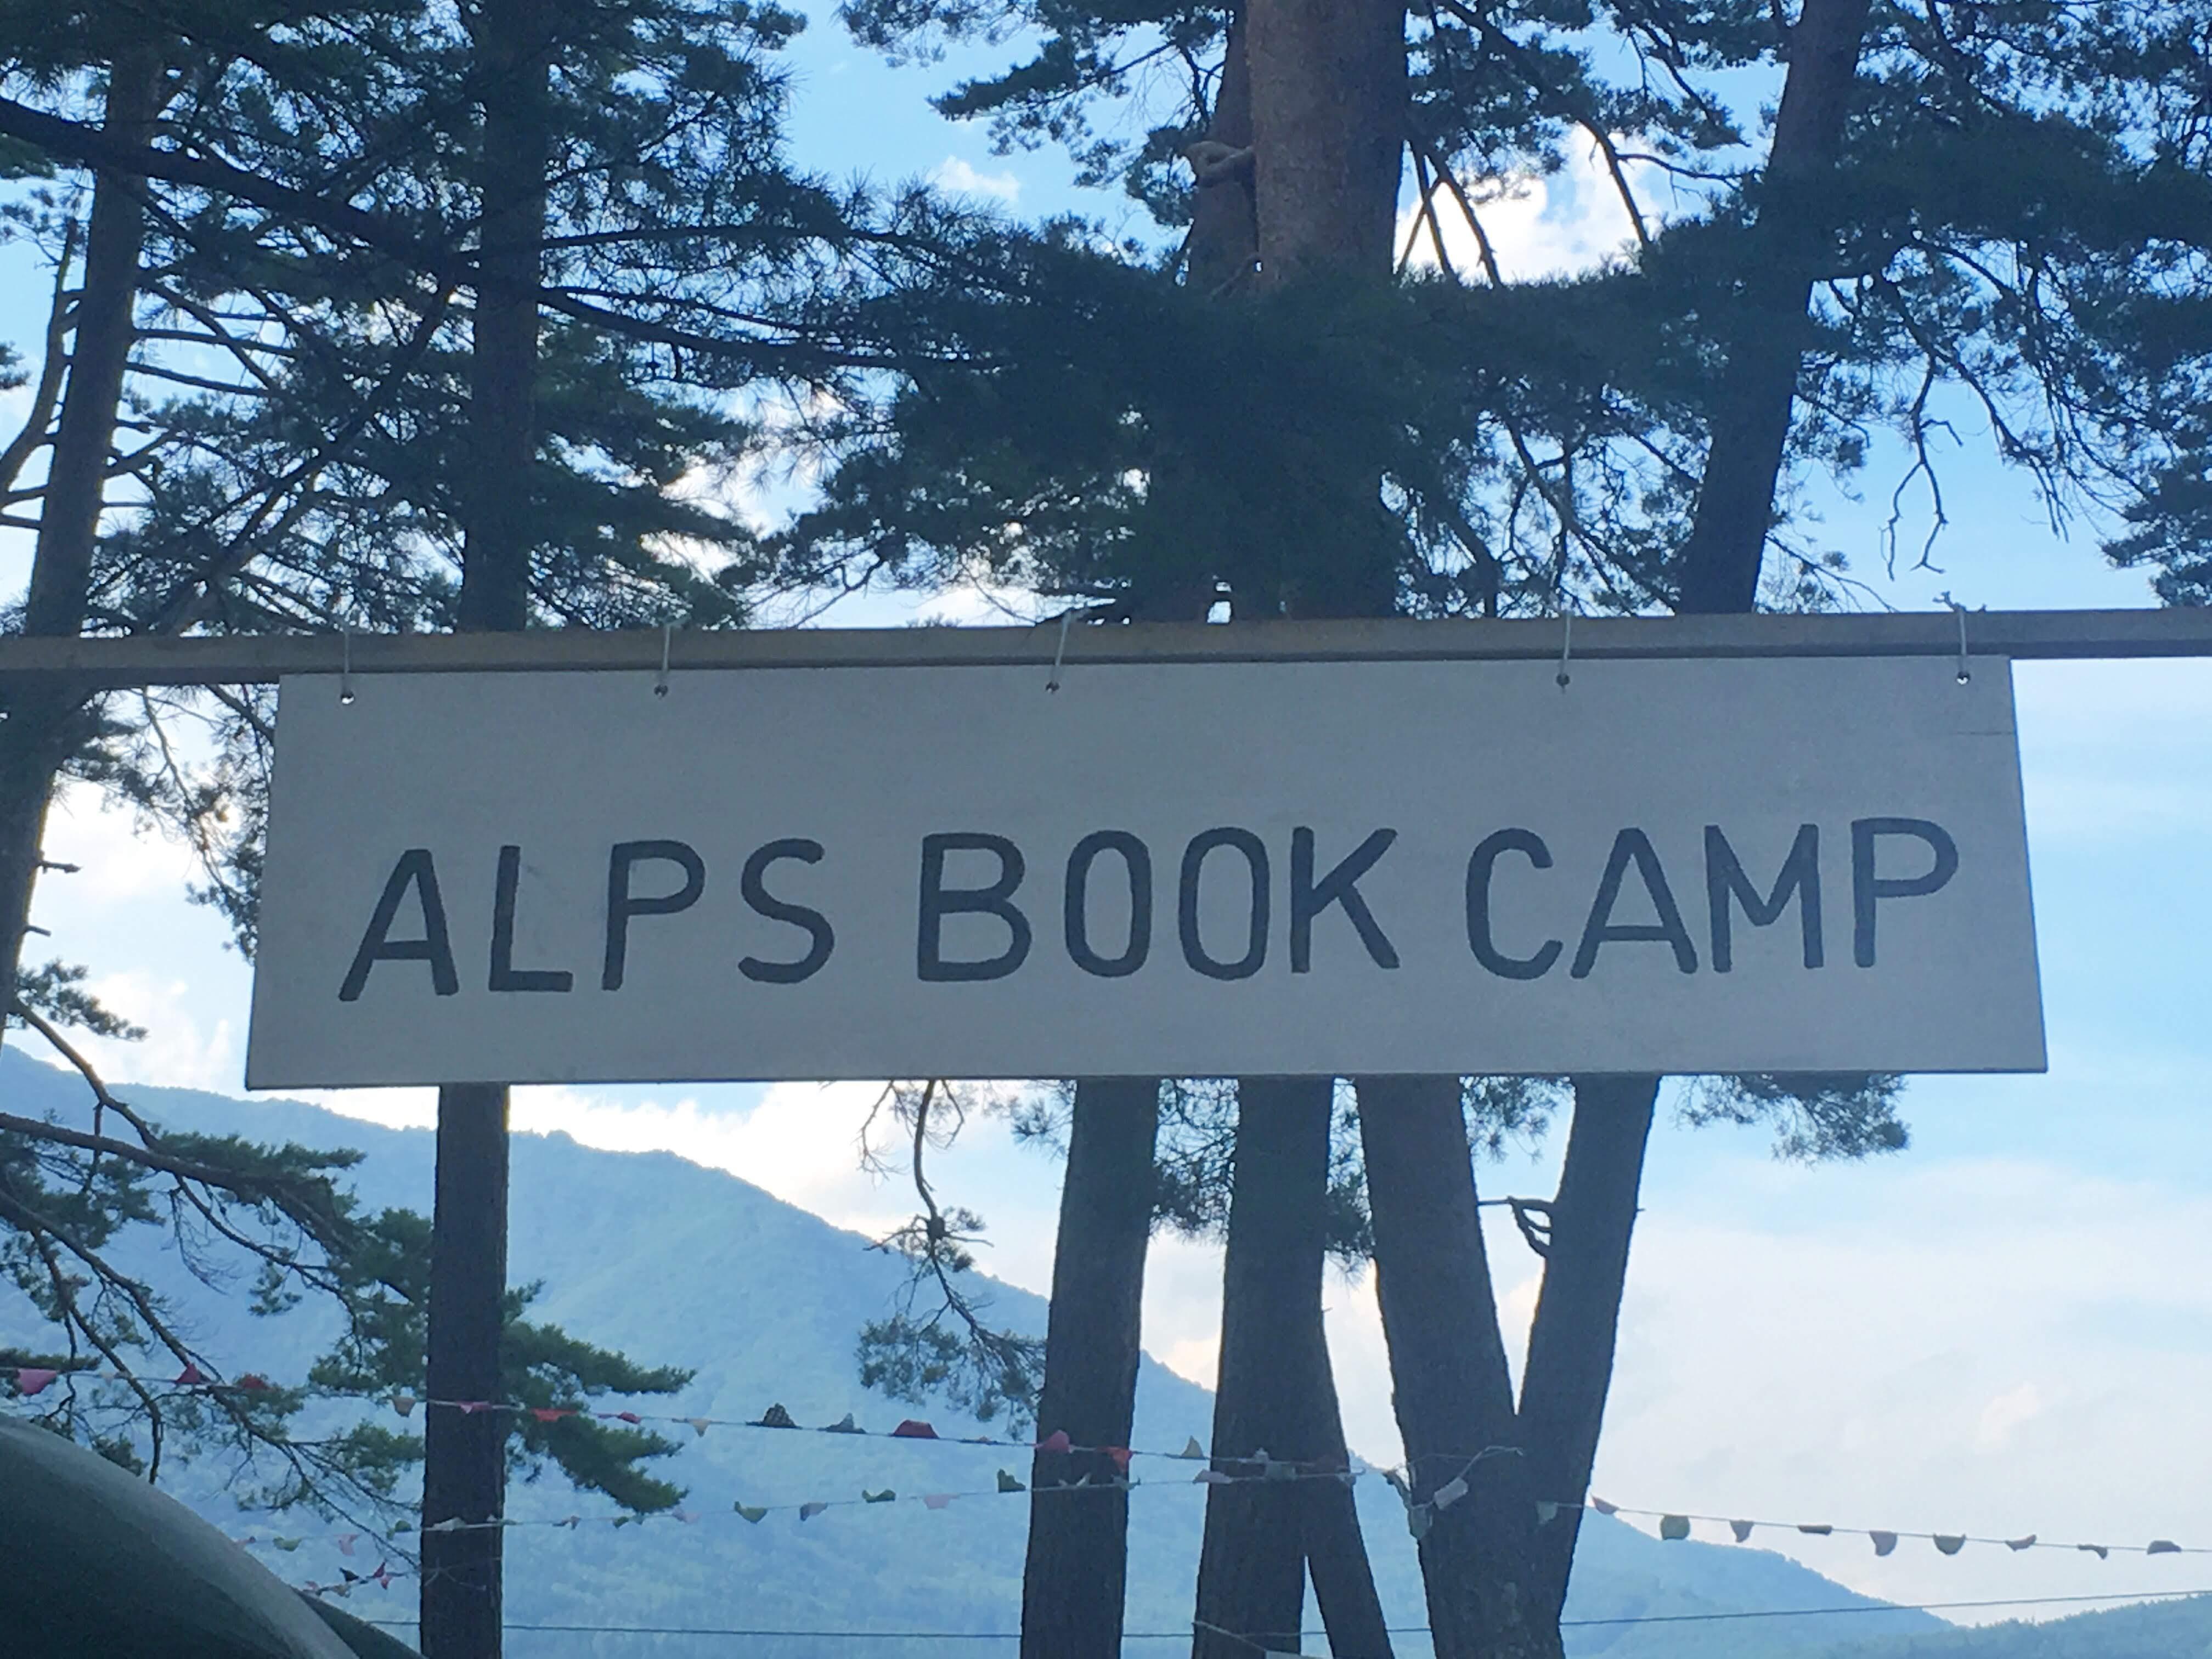 アルプスブックキャンプゲート